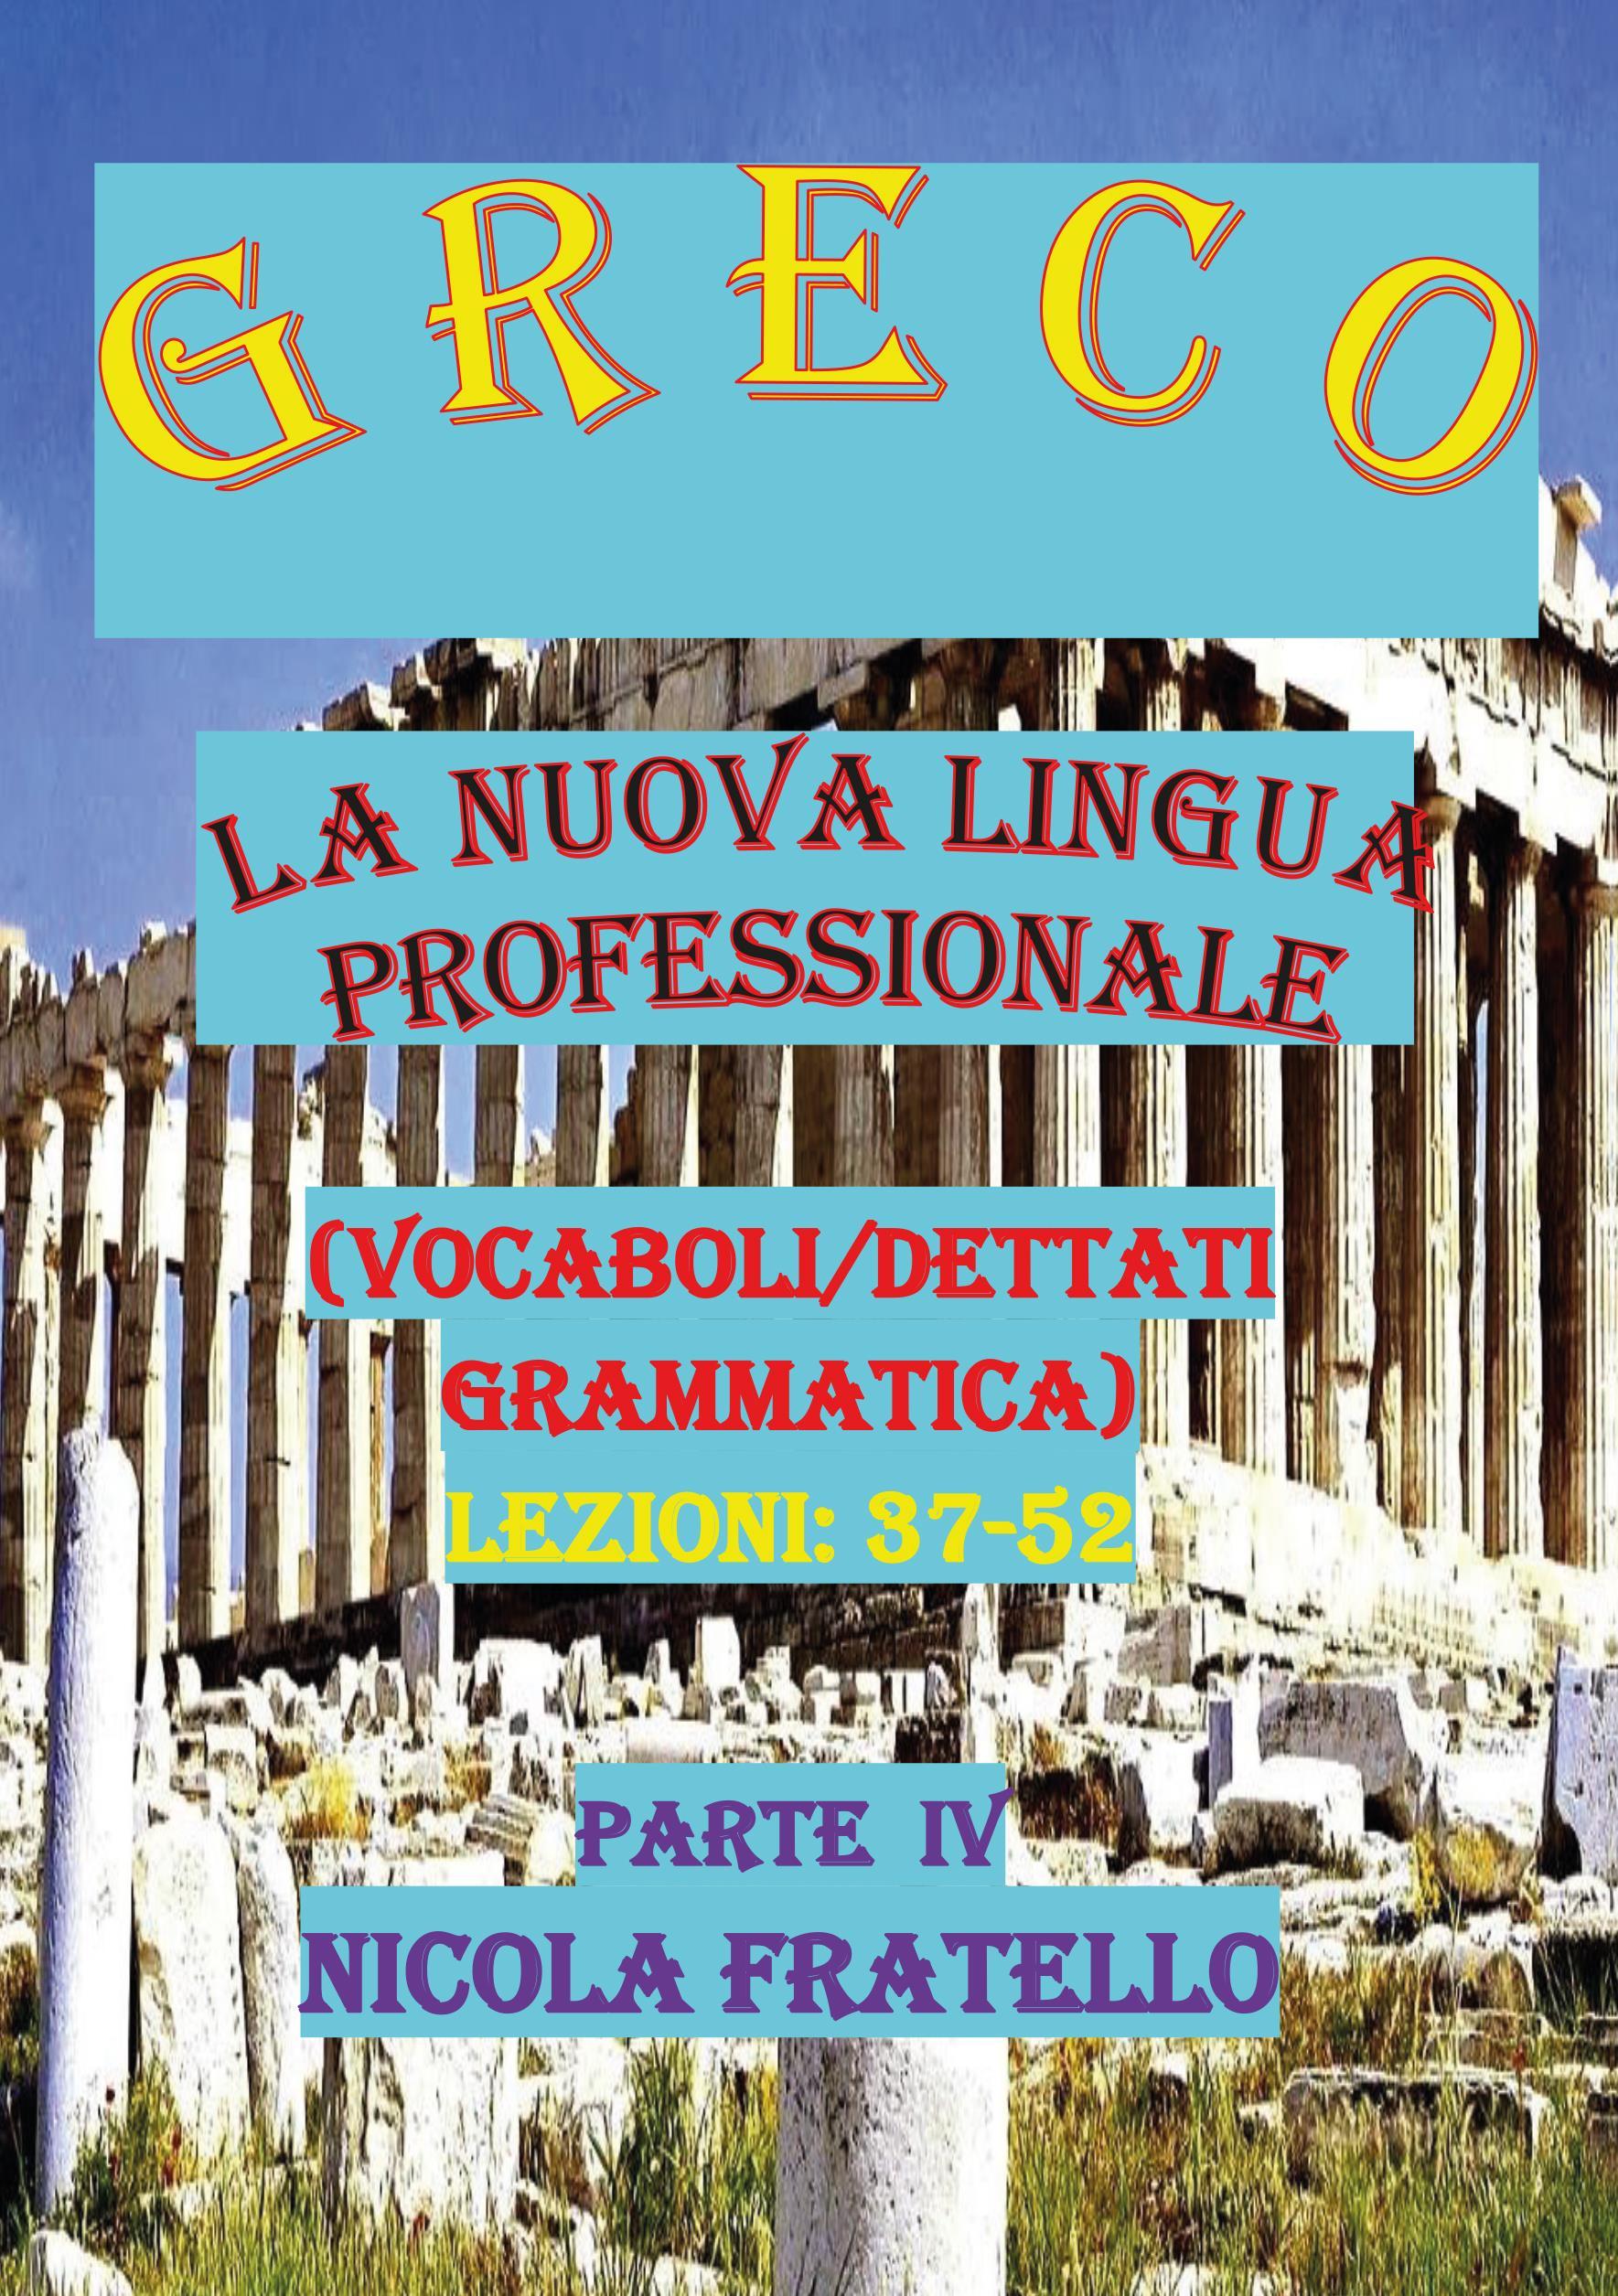 Greco. La nuova lingua professionale. Parte IV